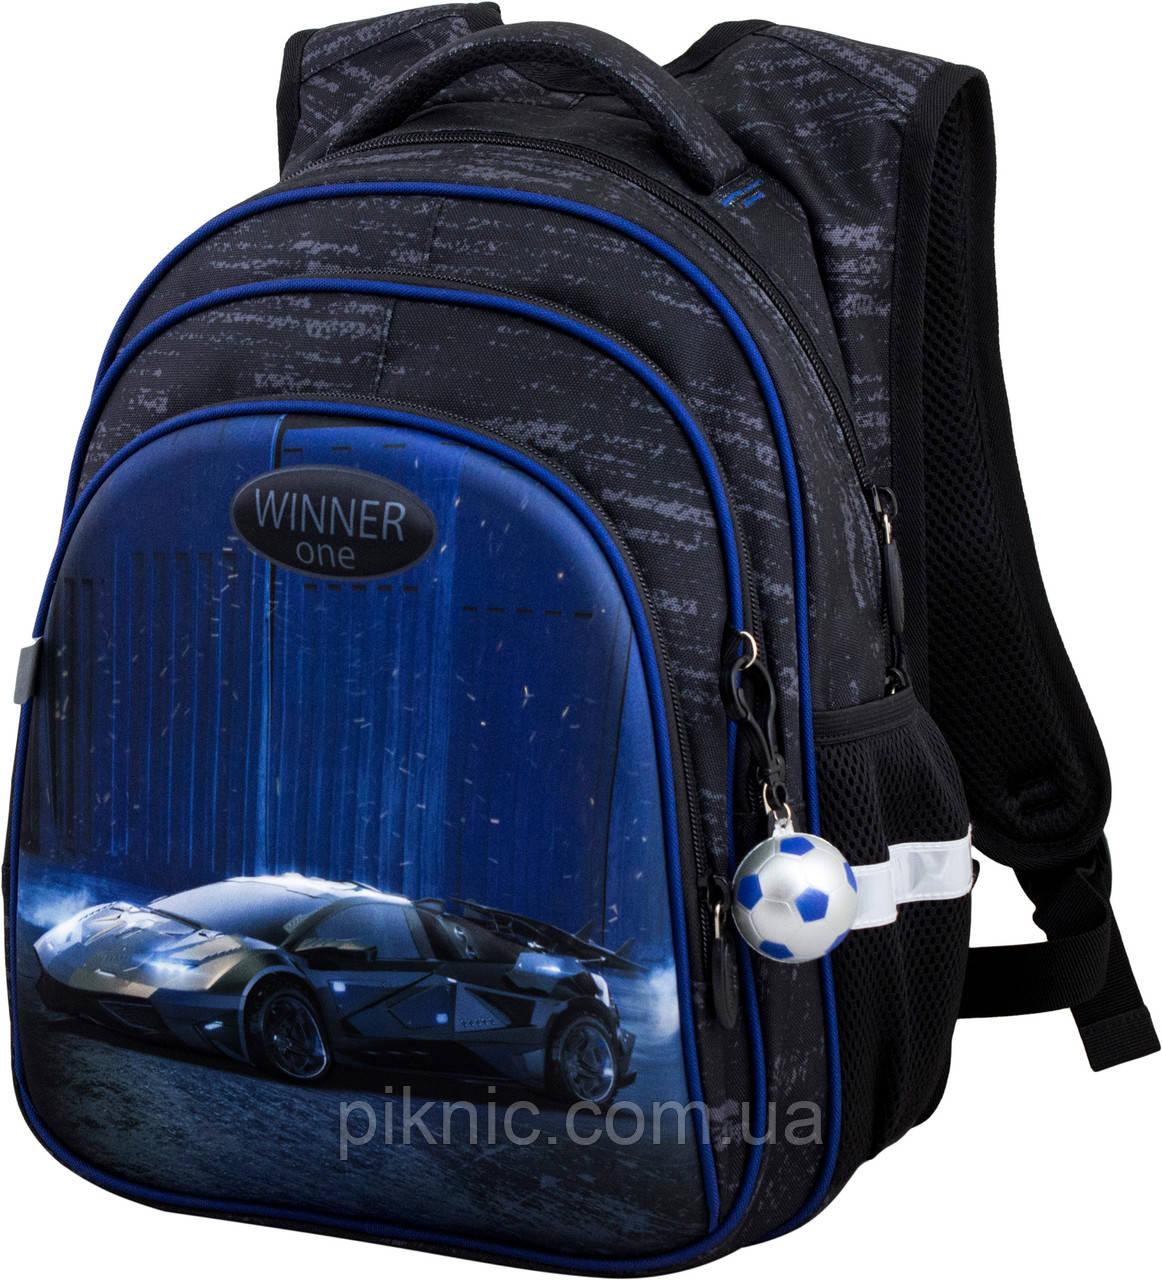 Рюкзак шкільний для хлопчиків Winner One R2-169 Рюкзак портфель ортопедичний 1 клас